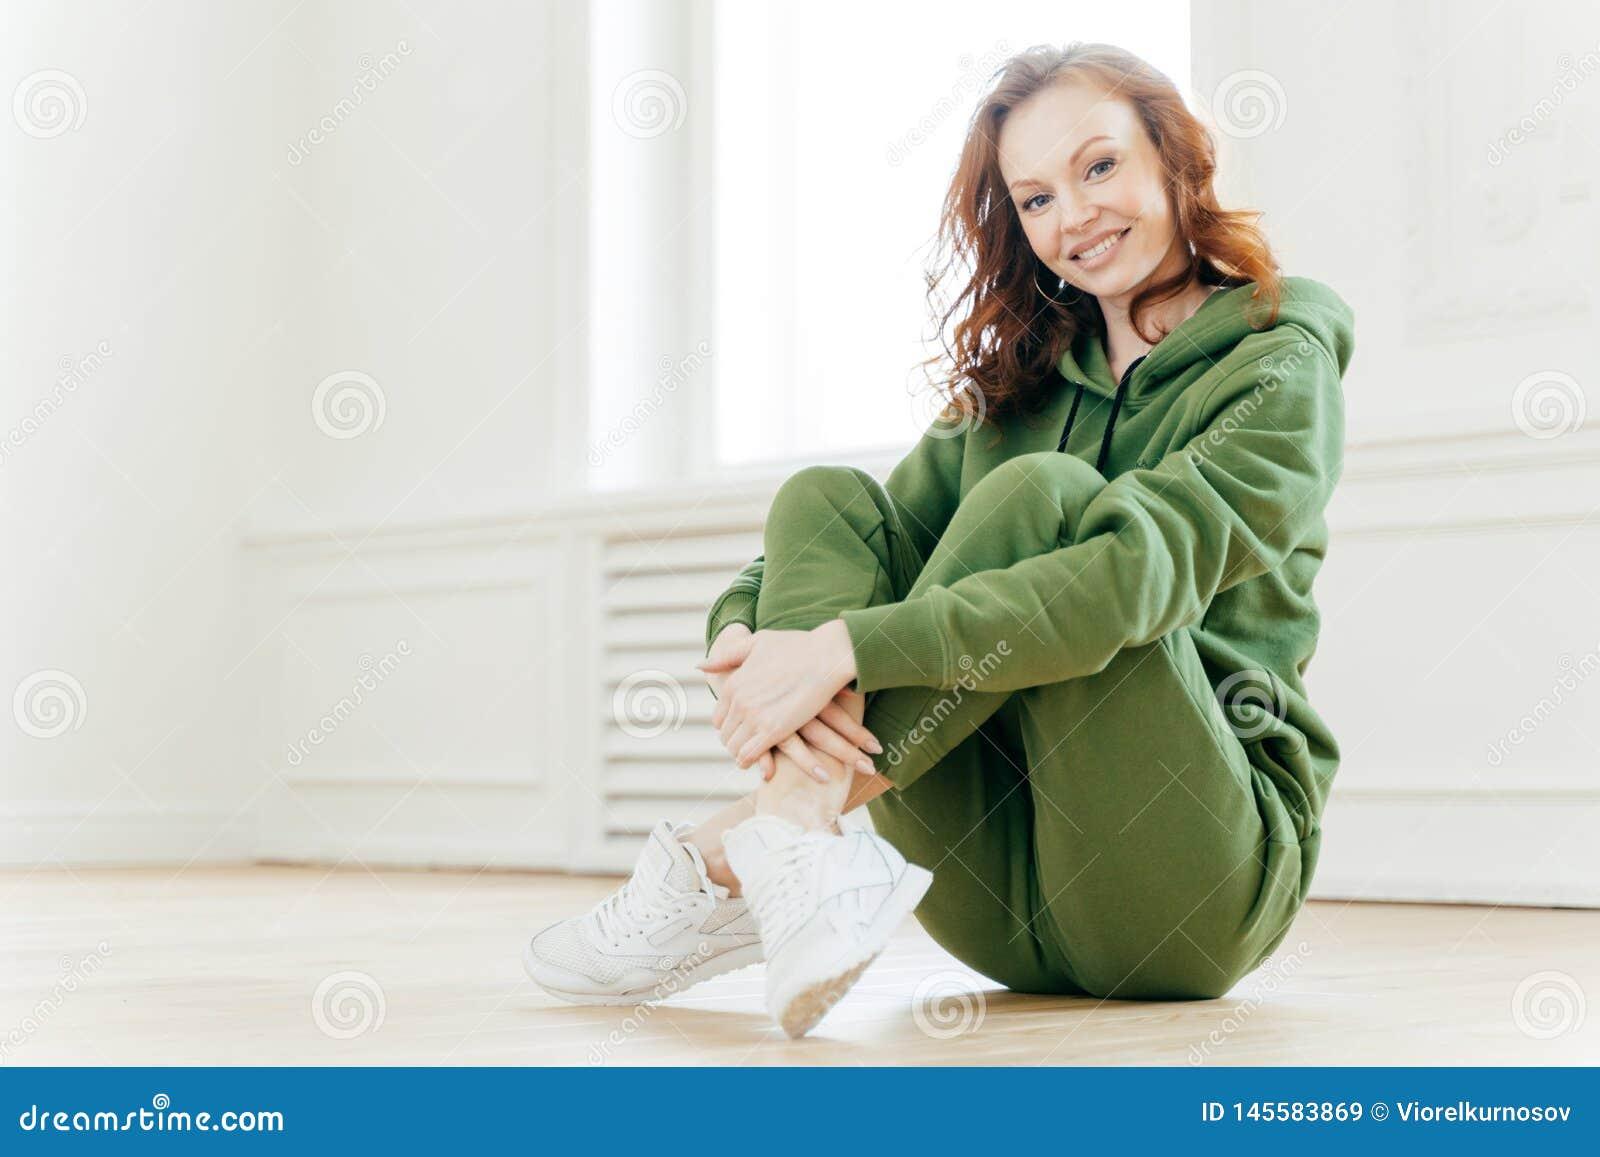 Bilden av den tillfredsställda förnyade unga kvinnan med rävaktigt hår, håller ben korsade, bär träningsoverallen och sportshoes